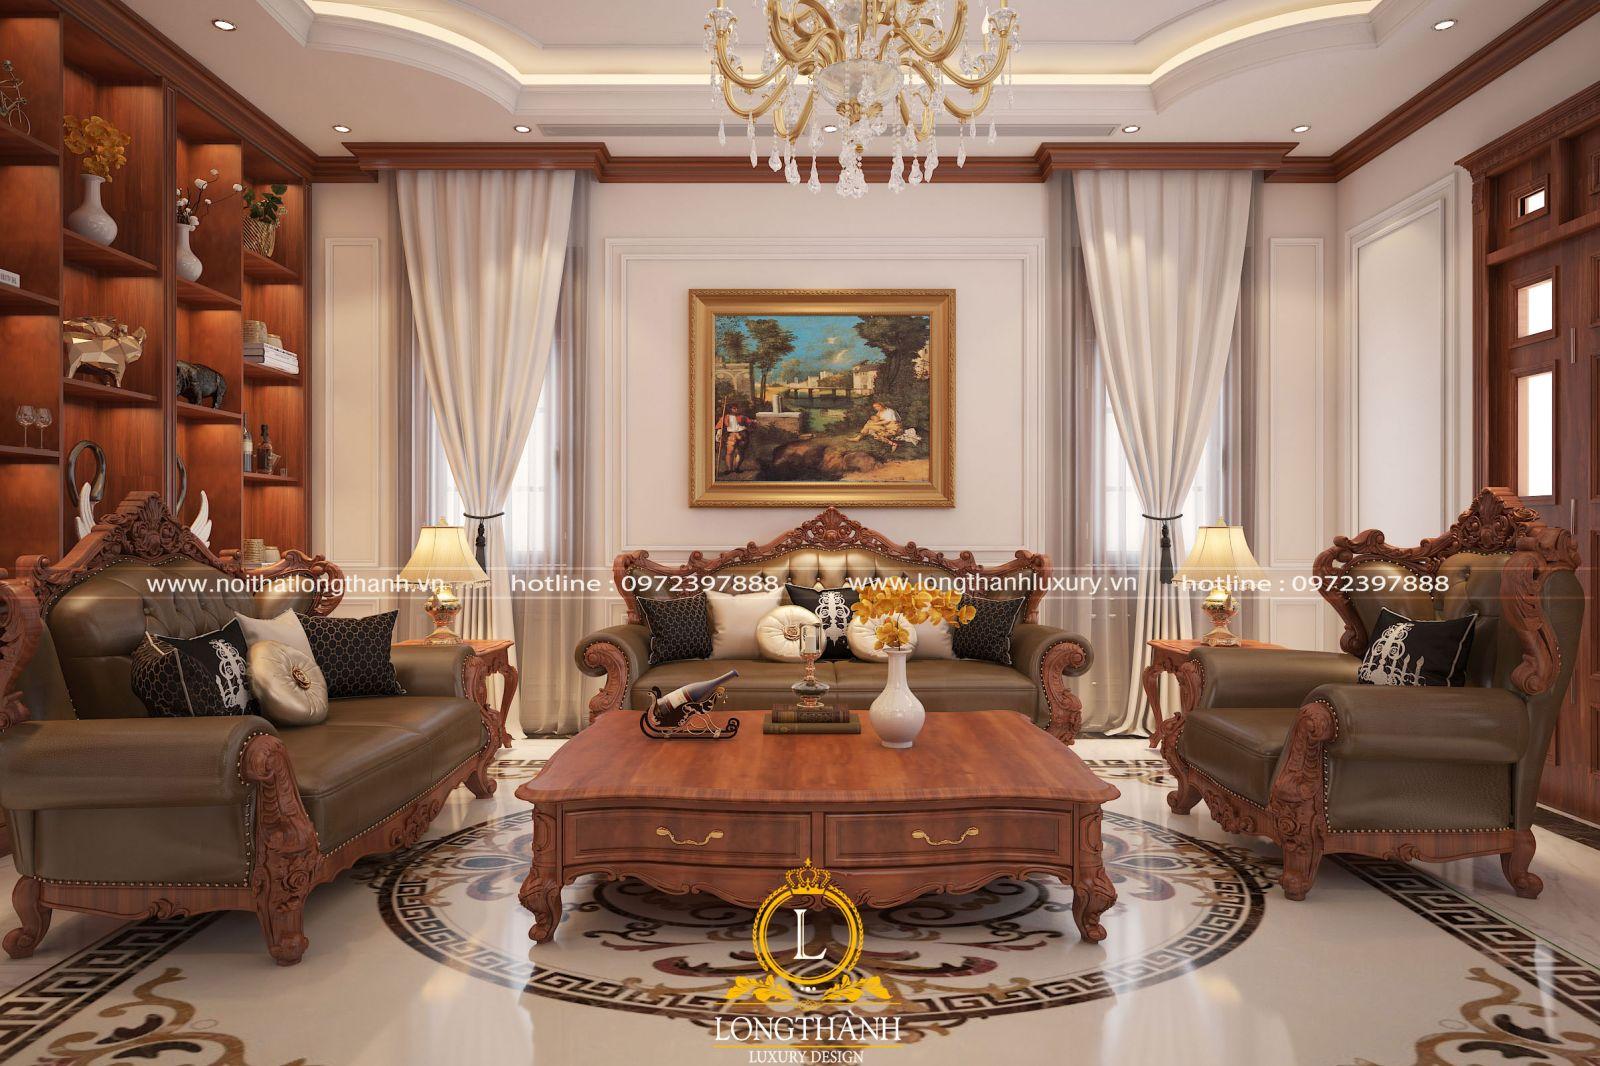 Mẫu sofa được thiết kế theo diện tích không gian thực tế